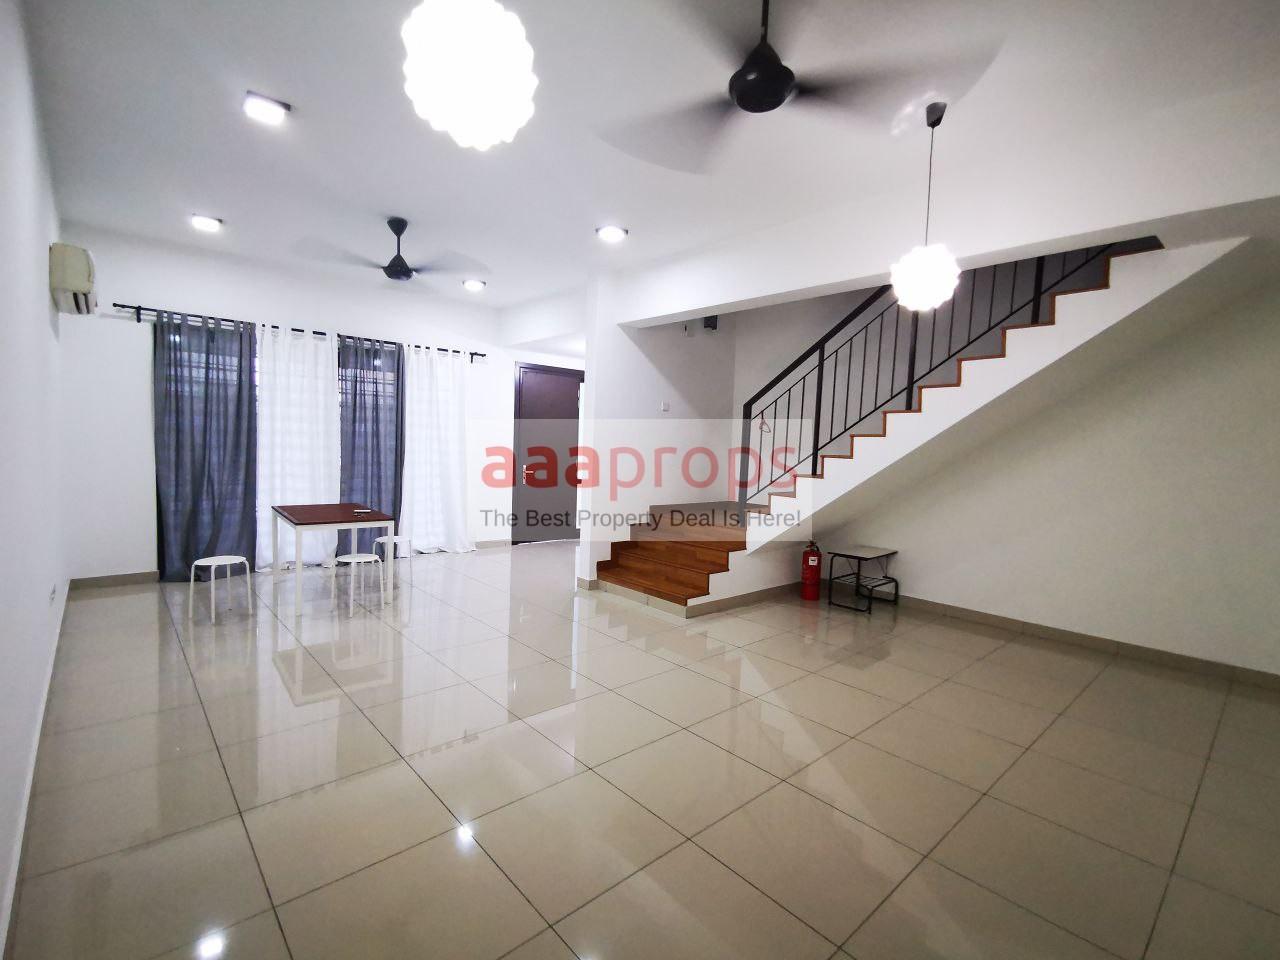 Double Storey House Persada, Bandar Bukit Raja Klang